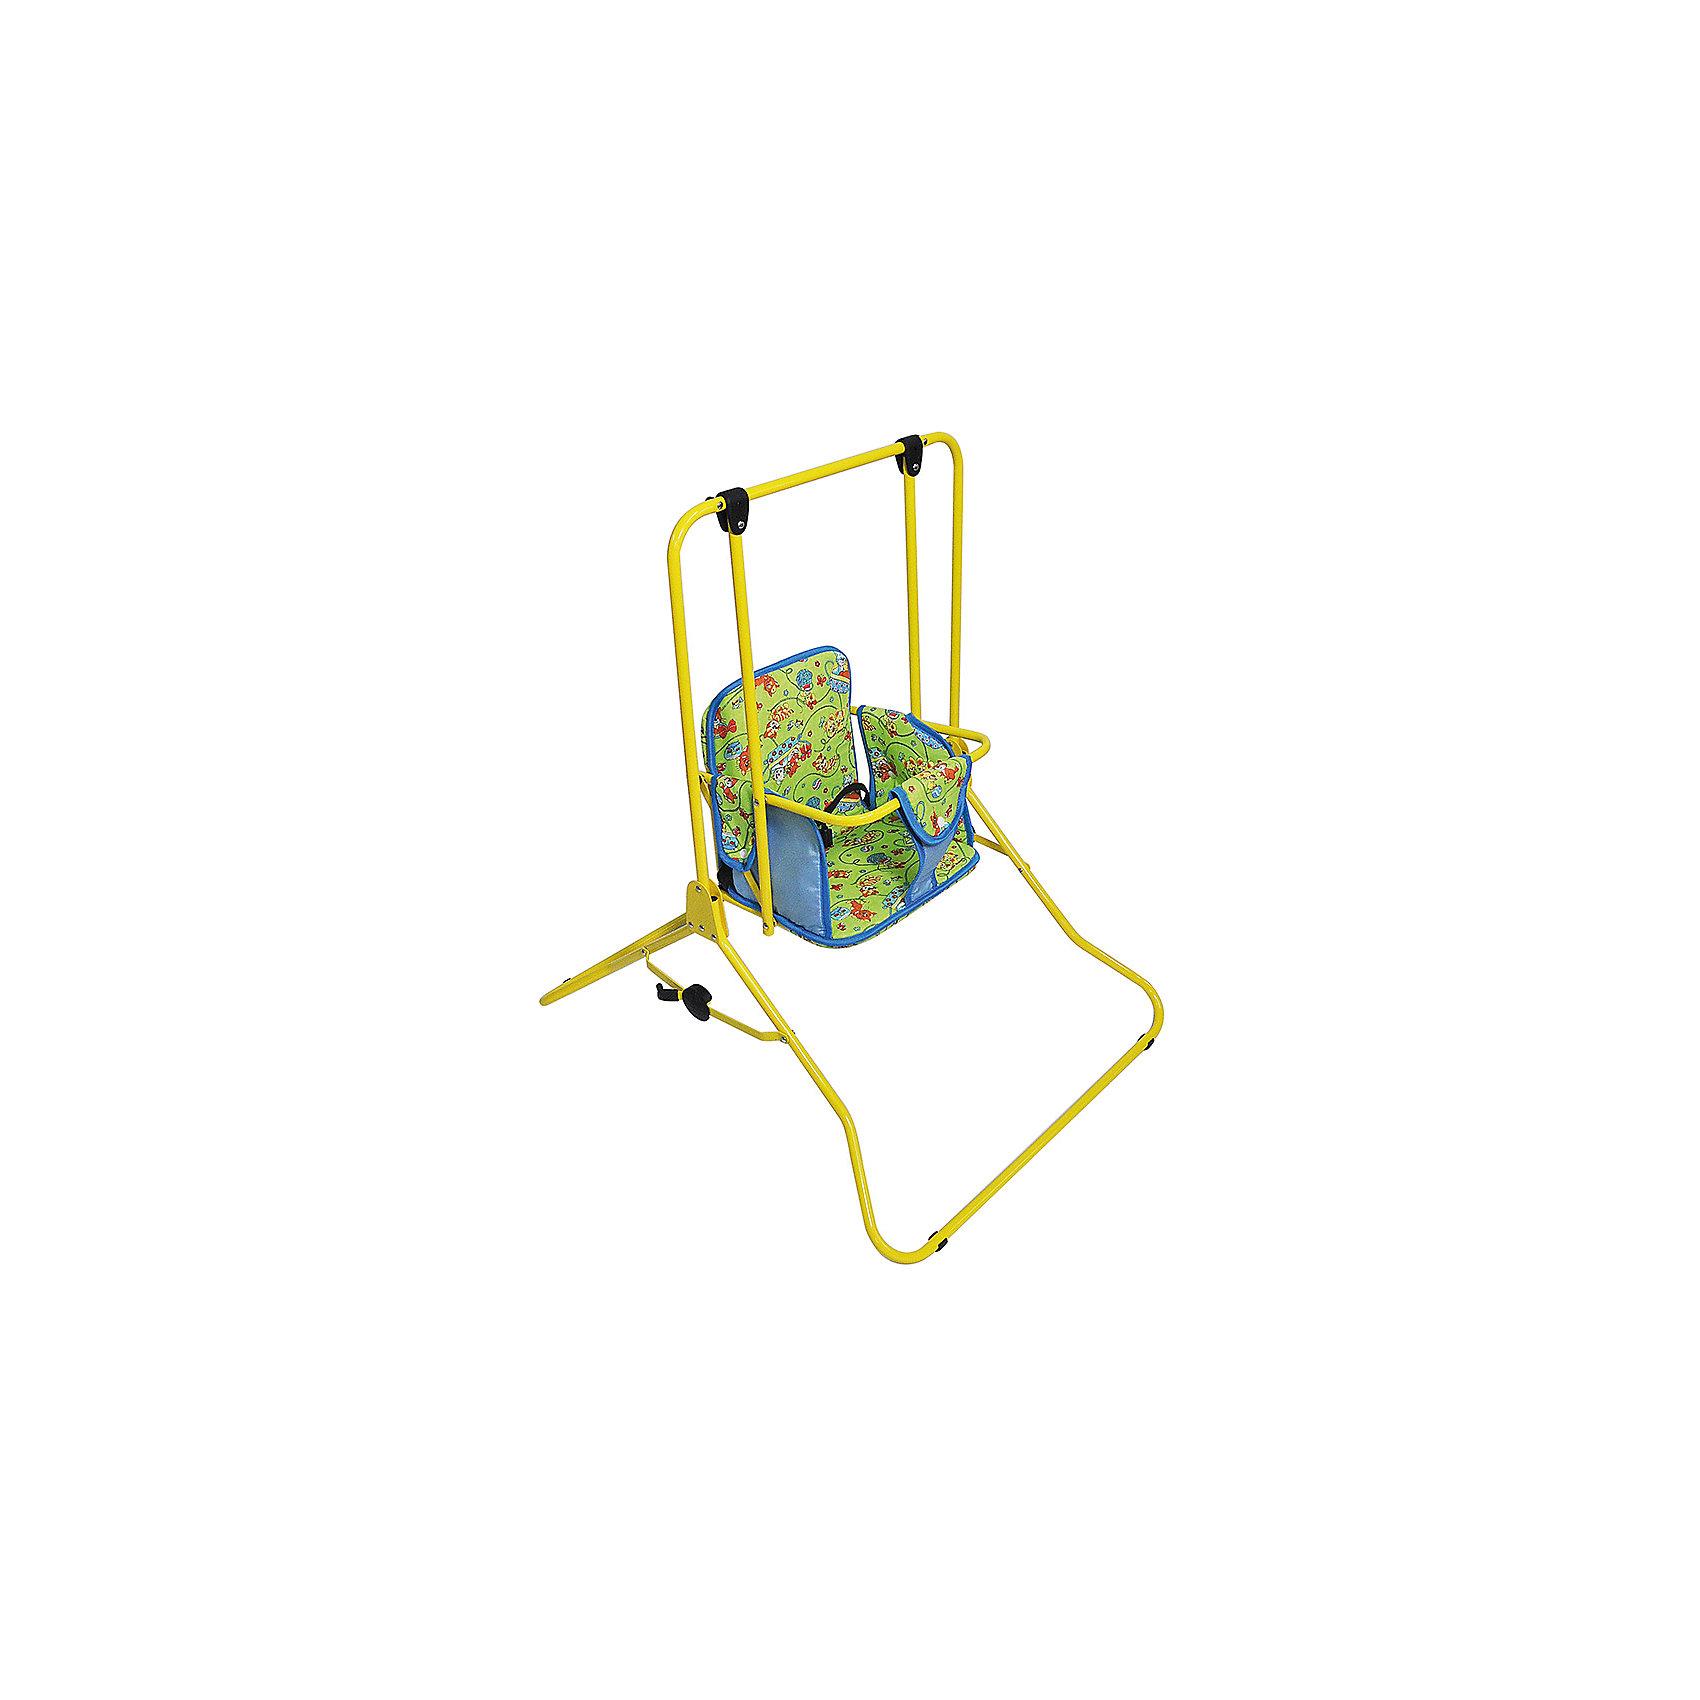 Качели напольные ЕГОРКА, ЛЕО, зеленыйКачели напольные и подвесные<br>Характеристики товара:<br><br>• возраст: от 6 месяцев до 3 лет;<br>• максимальная нагрузка: 20 кг;<br>• материал: пластик, металл;<br>• размер качелей в разложенном виде: 94х85х70 см;<br>• размер качелей в сложенном виде: 112х70х13 см;<br>• вес качелей: 4,4 кг;<br>• размер упаковки: 134х84х22 см;<br>• вес упаковки: 4,6 кг;<br>• страна производитель: Россия.<br><br>Качели напольные Лео Егорка зеленые станут помощником молодых родителей в уходе за ребенком. Покачав малыша на качелях, его можно развлечь, развеселить, отвлечь, а мама может одновременно заниматься домашними делами. <br><br>Сидение выполнено из мягкого материала и украшено ярким изображением. За безопасность отвечает поручень с ограничителем между ножек и ремешок на сидении. Конструкция отличается хорошей устойчивостью благодаря широкому основанию и дополнительным опорам.<br><br>Качели легко и быстро складываются для компактного хранения дома. Специальный механизм предотвращает случайное самопроизвольное складывание качелей.<br><br>Качели напольные Лео Егорка зеленые можно приобрести в нашем интернет-магазине.<br><br>Ширина мм: 1340<br>Глубина мм: 840<br>Высота мм: 220<br>Вес г: 4400<br>Возраст от месяцев: -2147483648<br>Возраст до месяцев: 2147483647<br>Пол: Унисекс<br>Возраст: Детский<br>SKU: 5500166